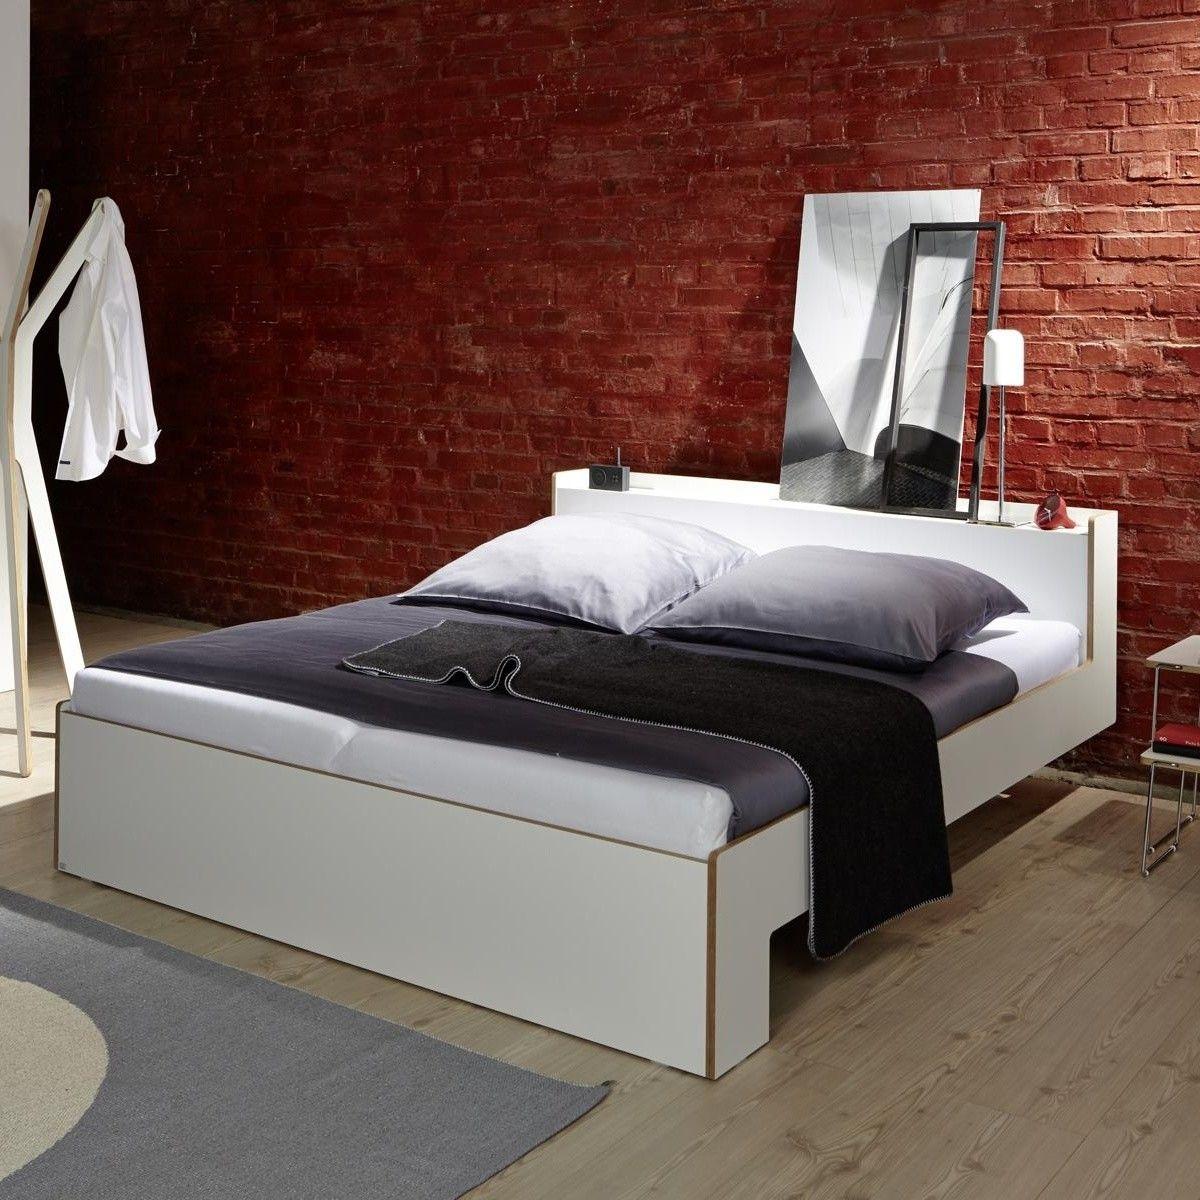 nook lit deux places m ller m belwerkst tten. Black Bedroom Furniture Sets. Home Design Ideas